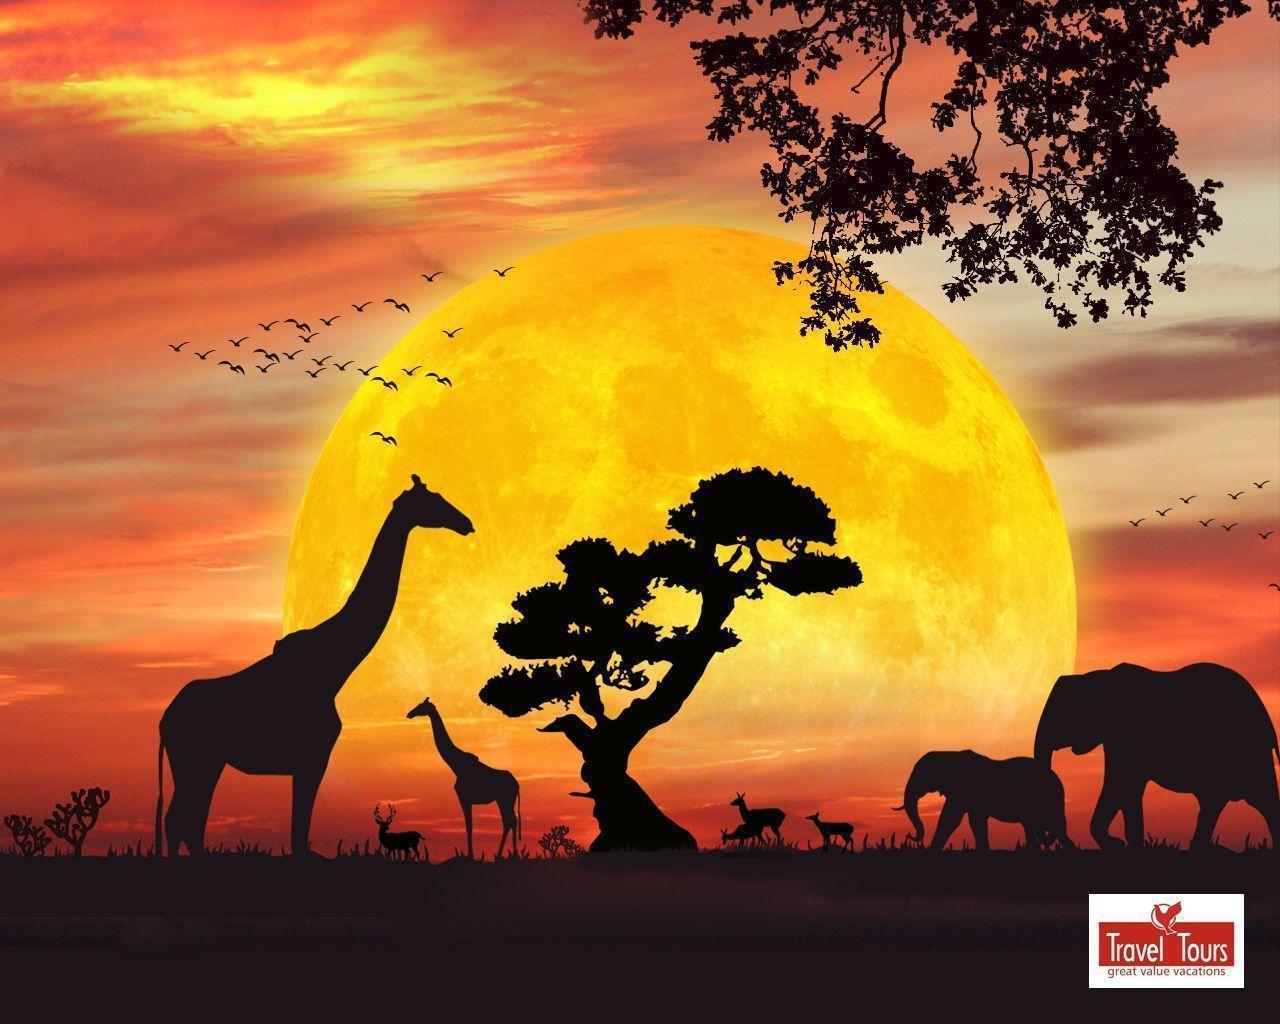 Safari Wallpapers | HD Wallpapers Image